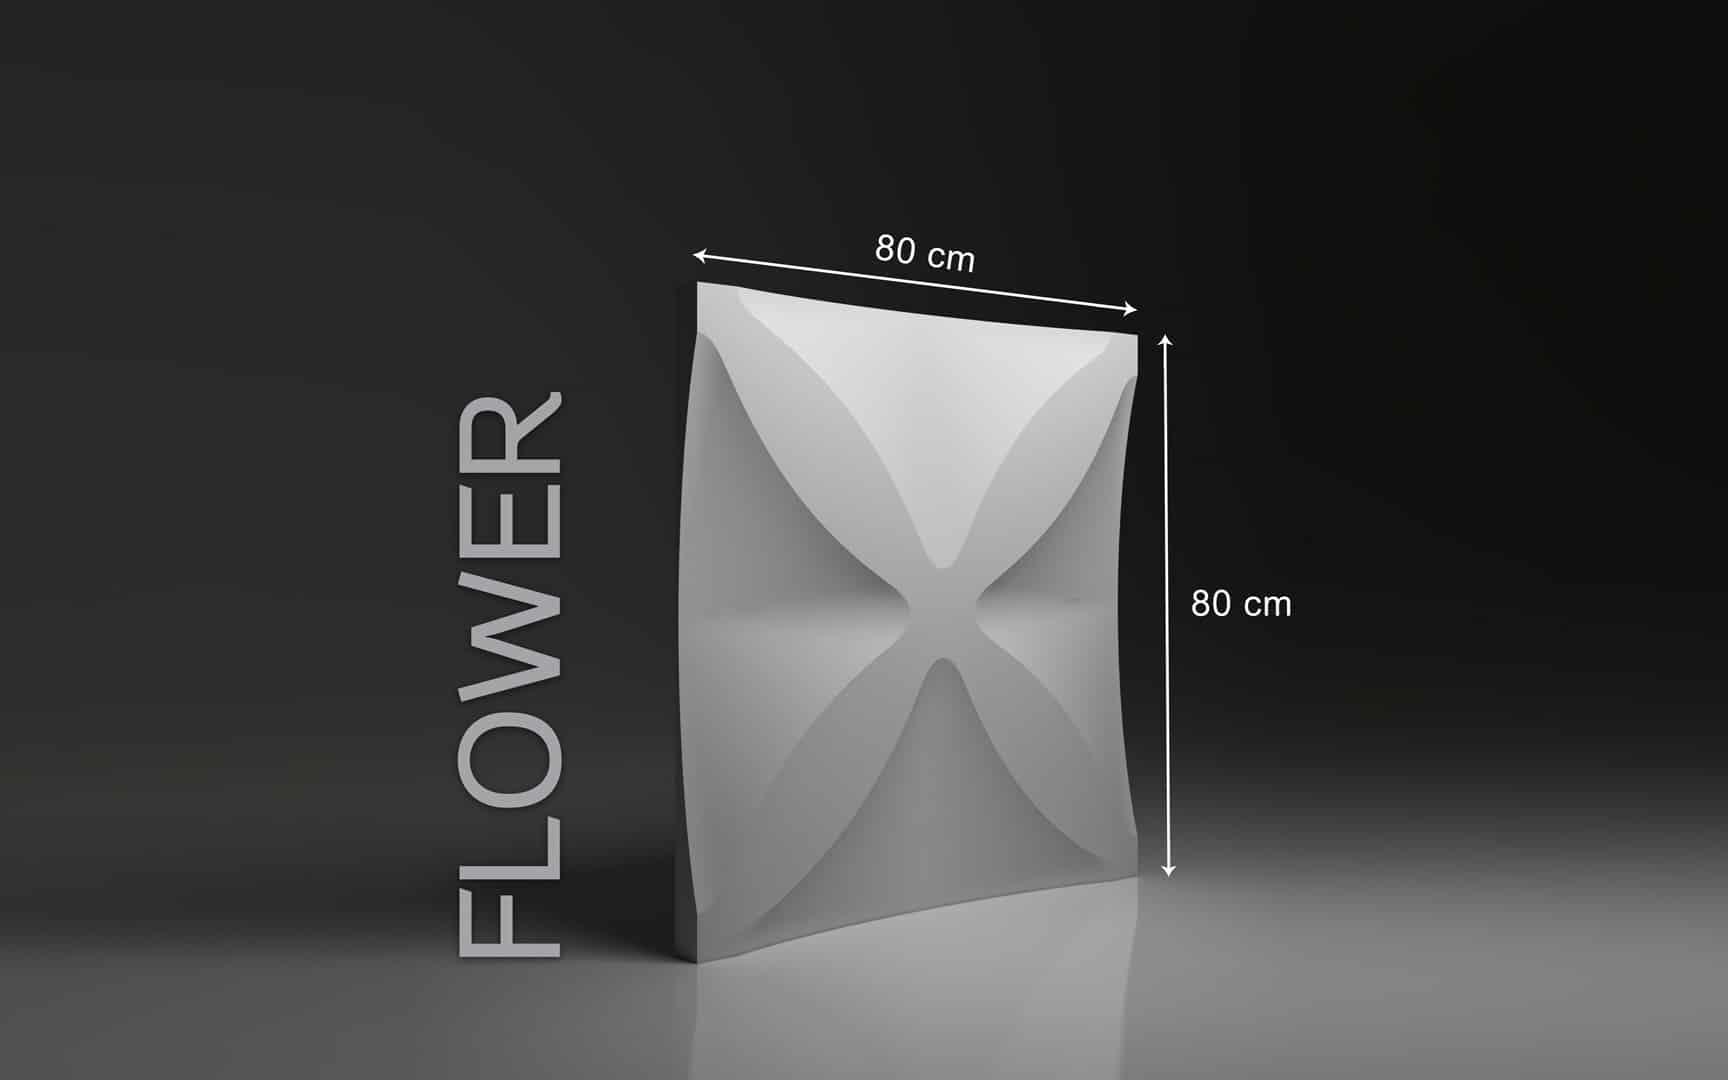 FLOWER DIMENSIONS : hauteur 80 x largeur 80 cm ÉPAISSEUR : de 1,5 cm à 5,0 cm  POIDS : environ 17 kg